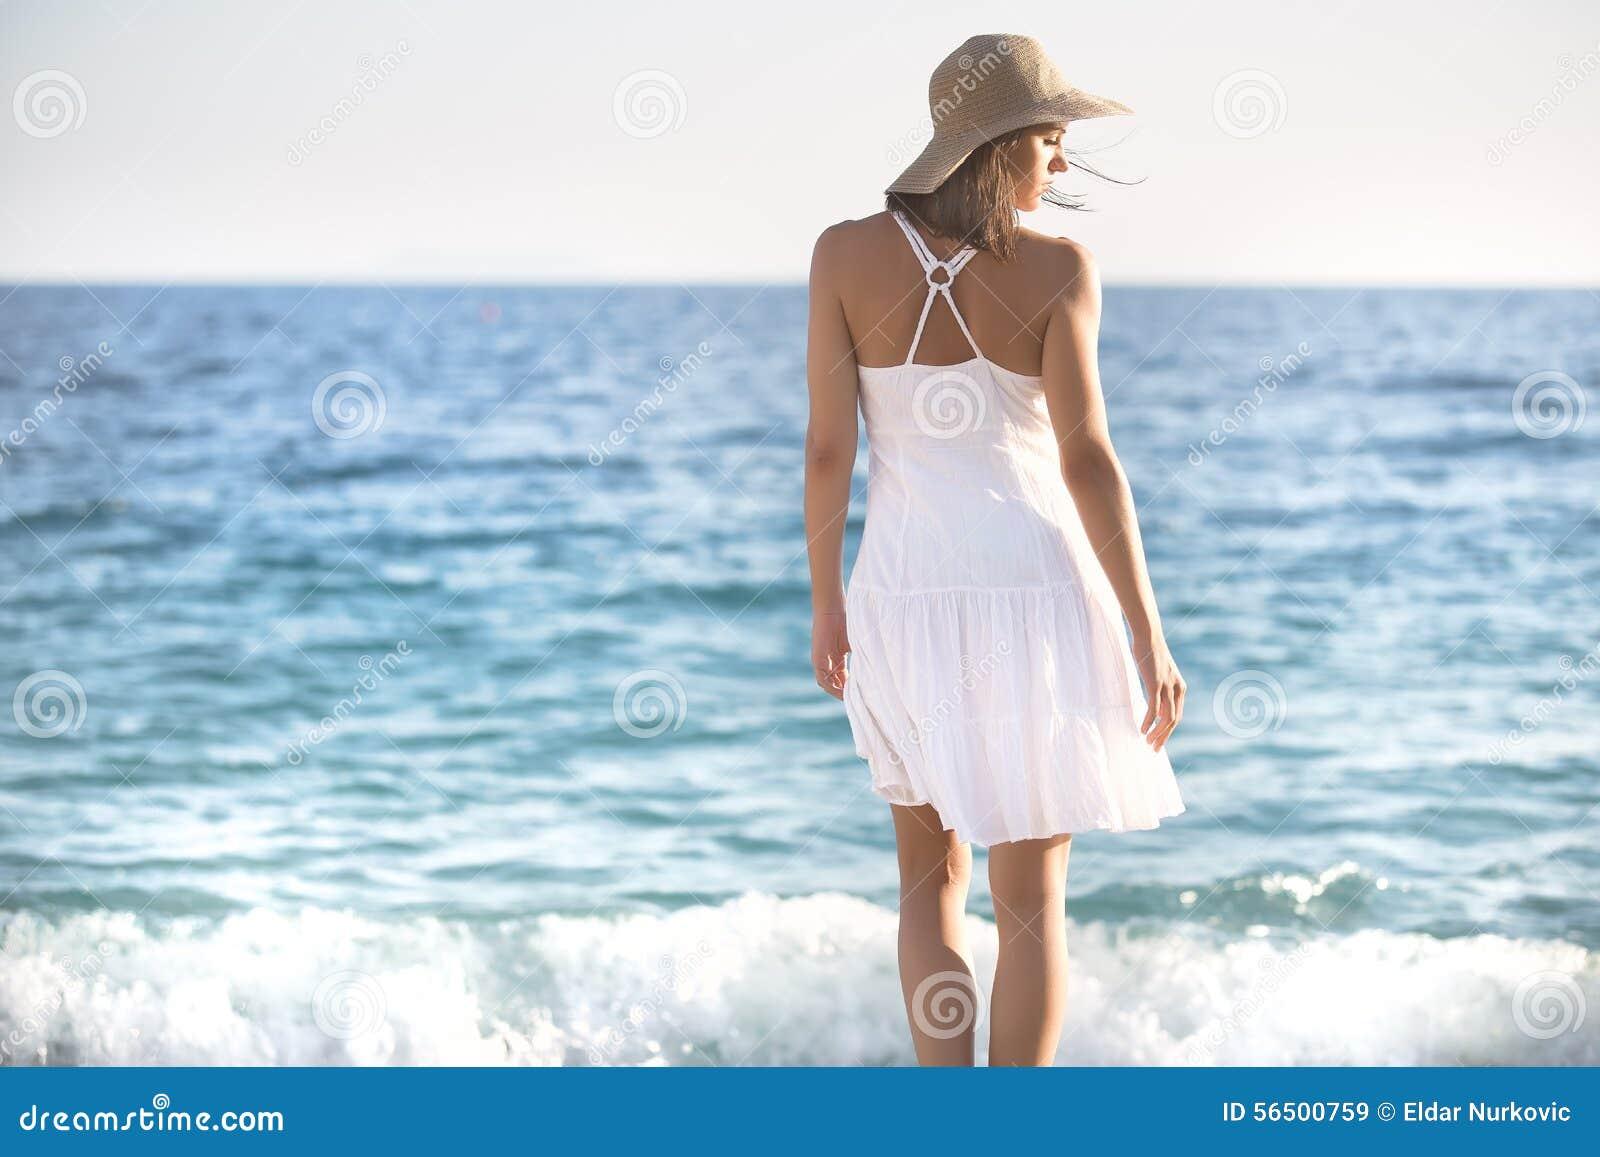 Piękna kobieta w białym smokingowym odprowadzeniu na plaży Zrelaksowany kobiety oddychania świeże powietrze, emocjonalna zmysłowa